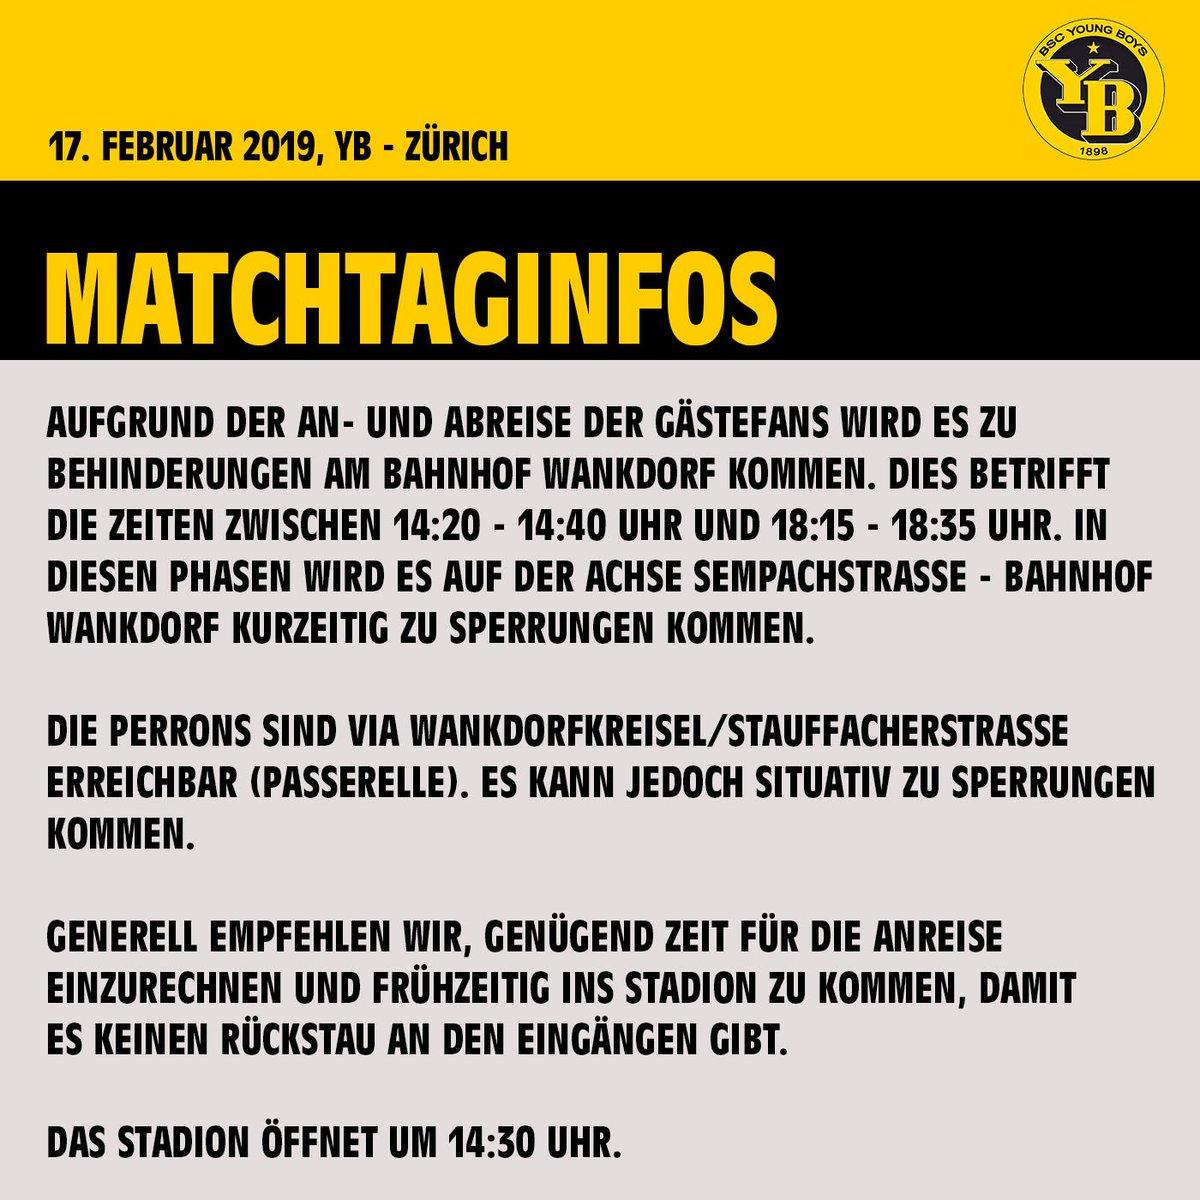 Matchtag! Heute um 16:00 Uhr empfängt YB den FC Zürich.   Auf der Grafik sind einige Infos rund um das Spiel zu finden.   Reist rechtzeitig an, geht ins Stadion und unterstützt unser Team schon beim Warm Up!  💛🖤   #BSCYB #YBFCZ #WEIW